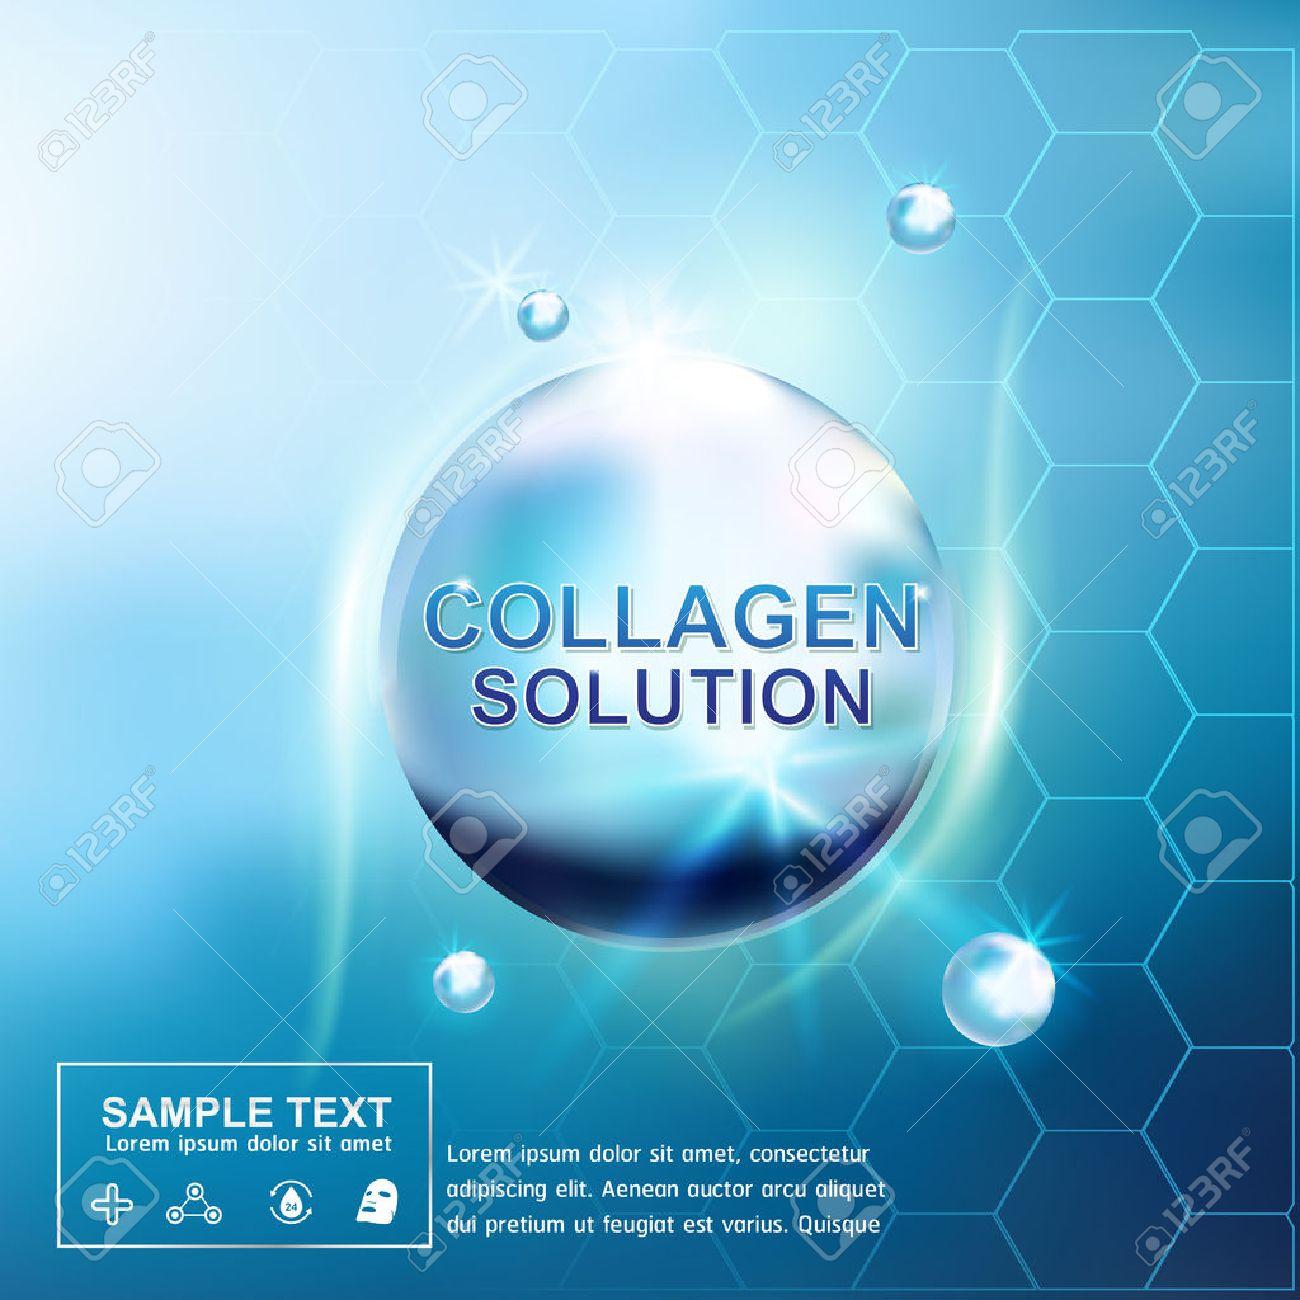 http://n3.datasn.io/data/api/v1/n3zm/image_of_skin_disease_5/main/skin_disease_image_download//4e/17/a3/fd/4e17a3fd8135366870db4a141e862e26a1d694da.jpg